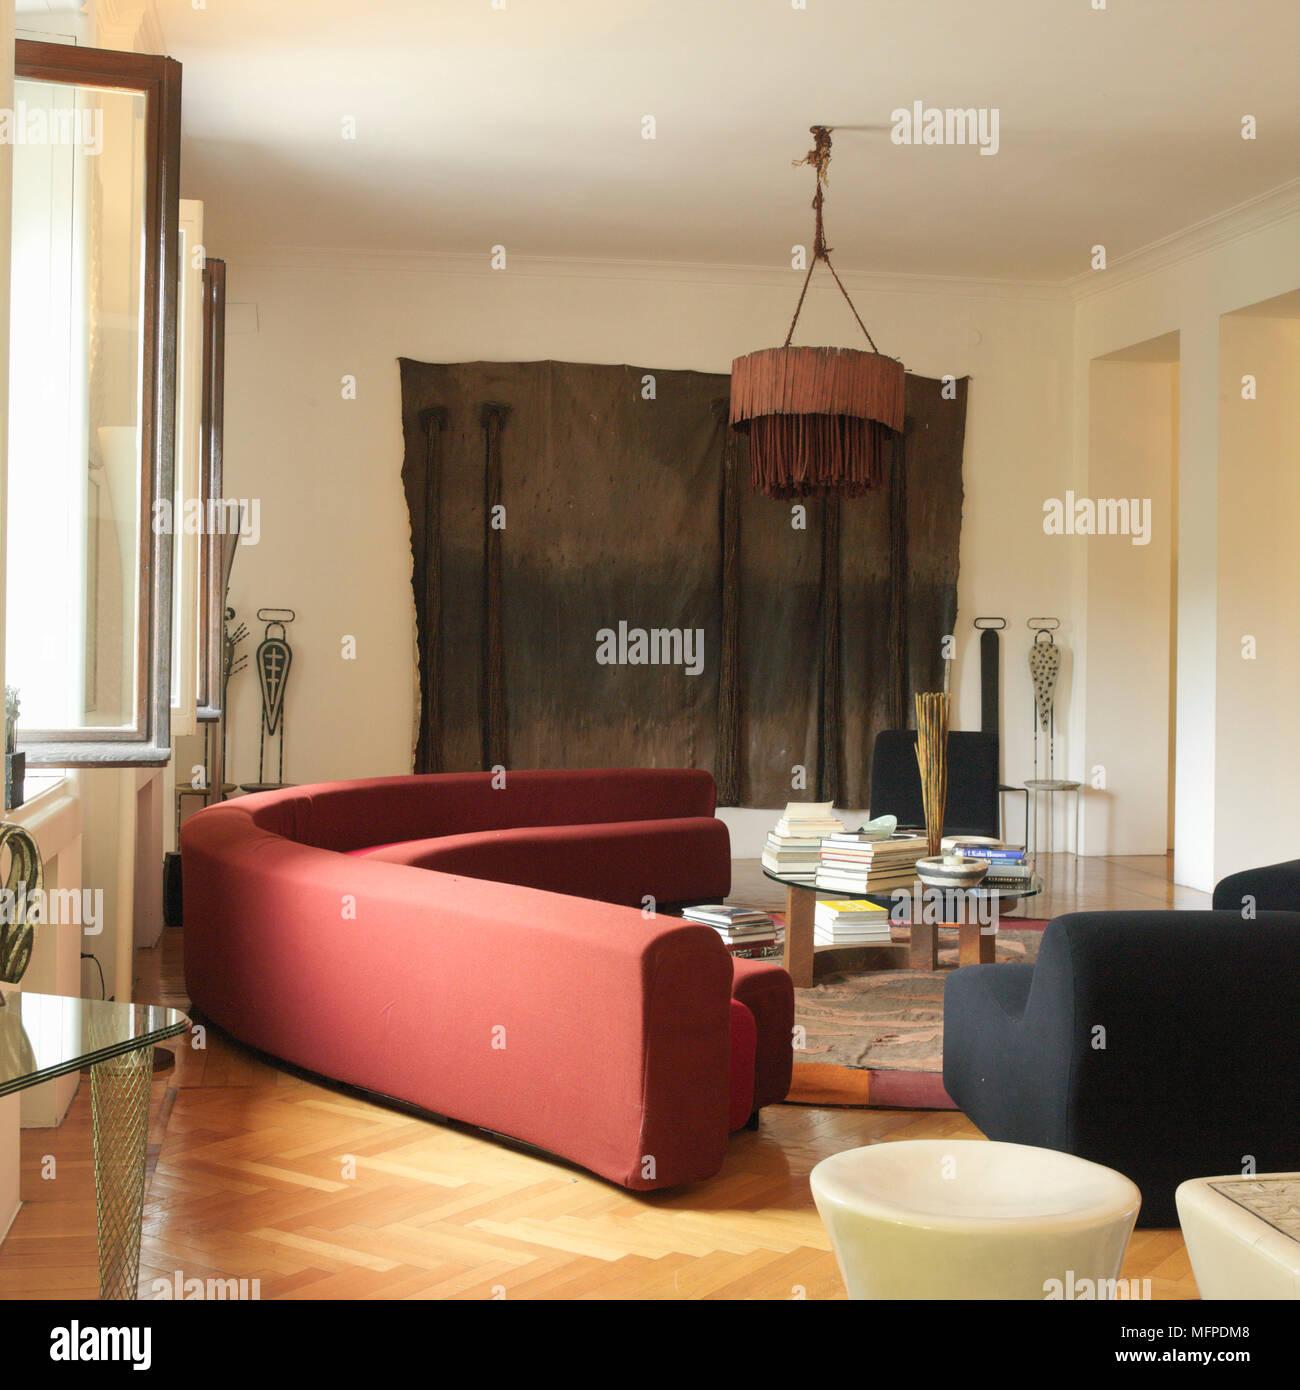 Ein Modernes Wohnzimmer Mit Hoher Decke, Holzboden, Eine Halbrunde Modernes  Sofa, Einem Hocker, Einem Ethnischen Stil Stück Hängenden Stoff Kunst, ...